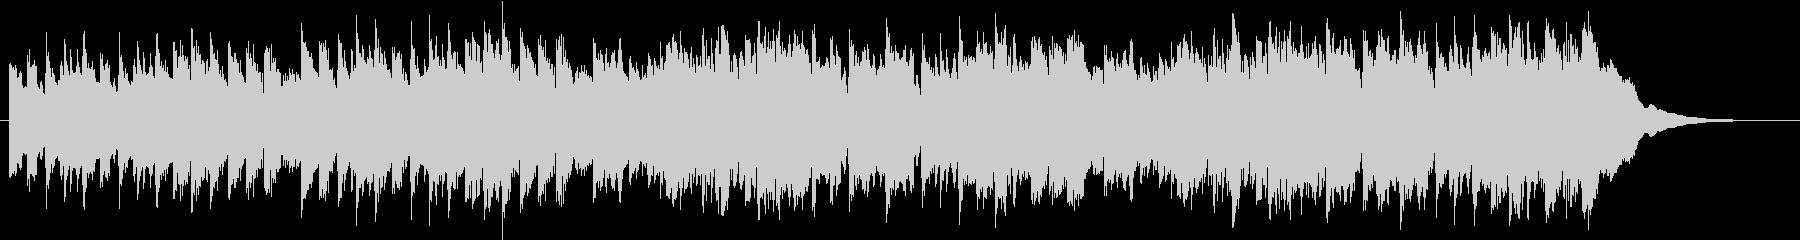 ほのぼのとしたヒーリングBGMの未再生の波形